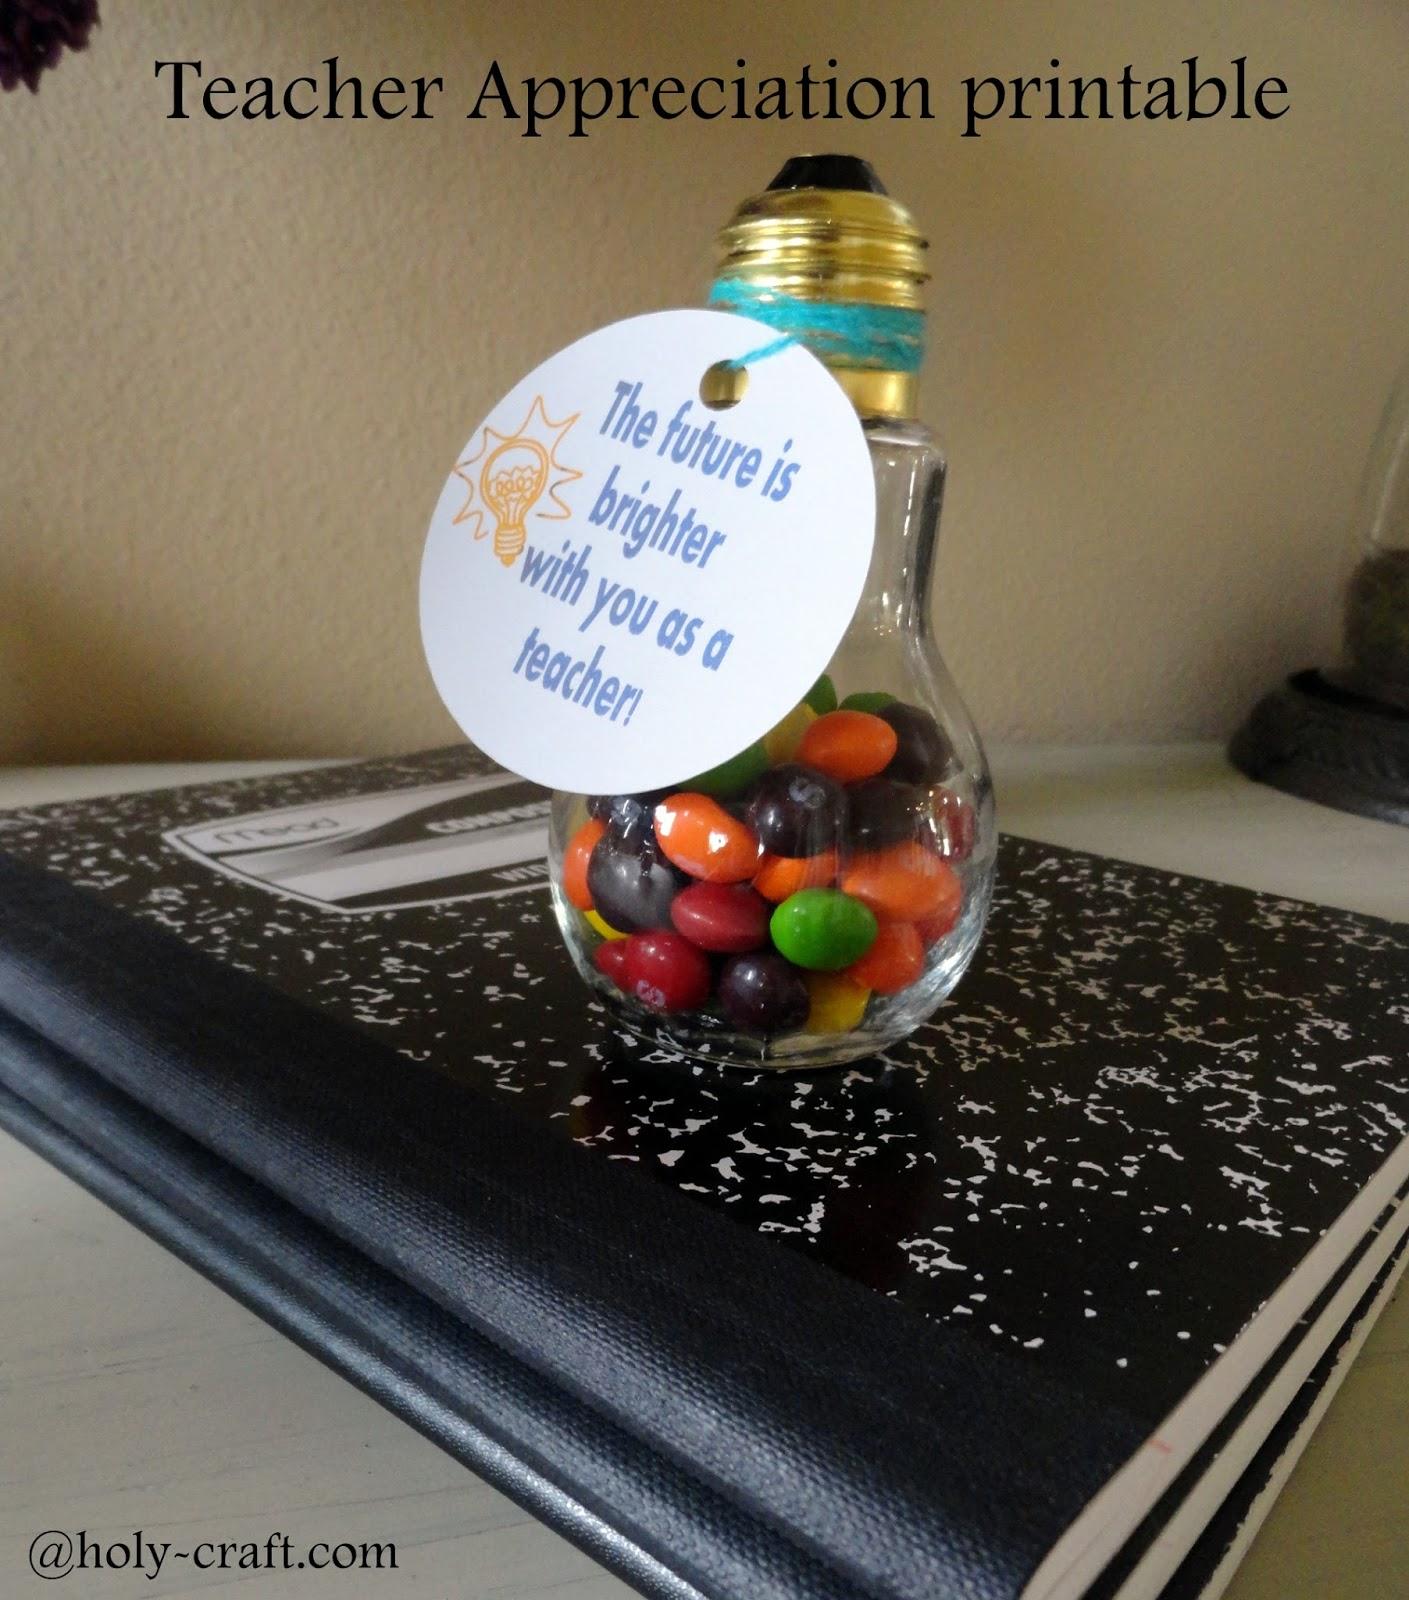 http://3.bp.blogspot.com/-ib7-N4c9LhM/U2VrOLomveI/AAAAAAAAYws/yl5a25d4imw/s1600/teacher+final.jpg